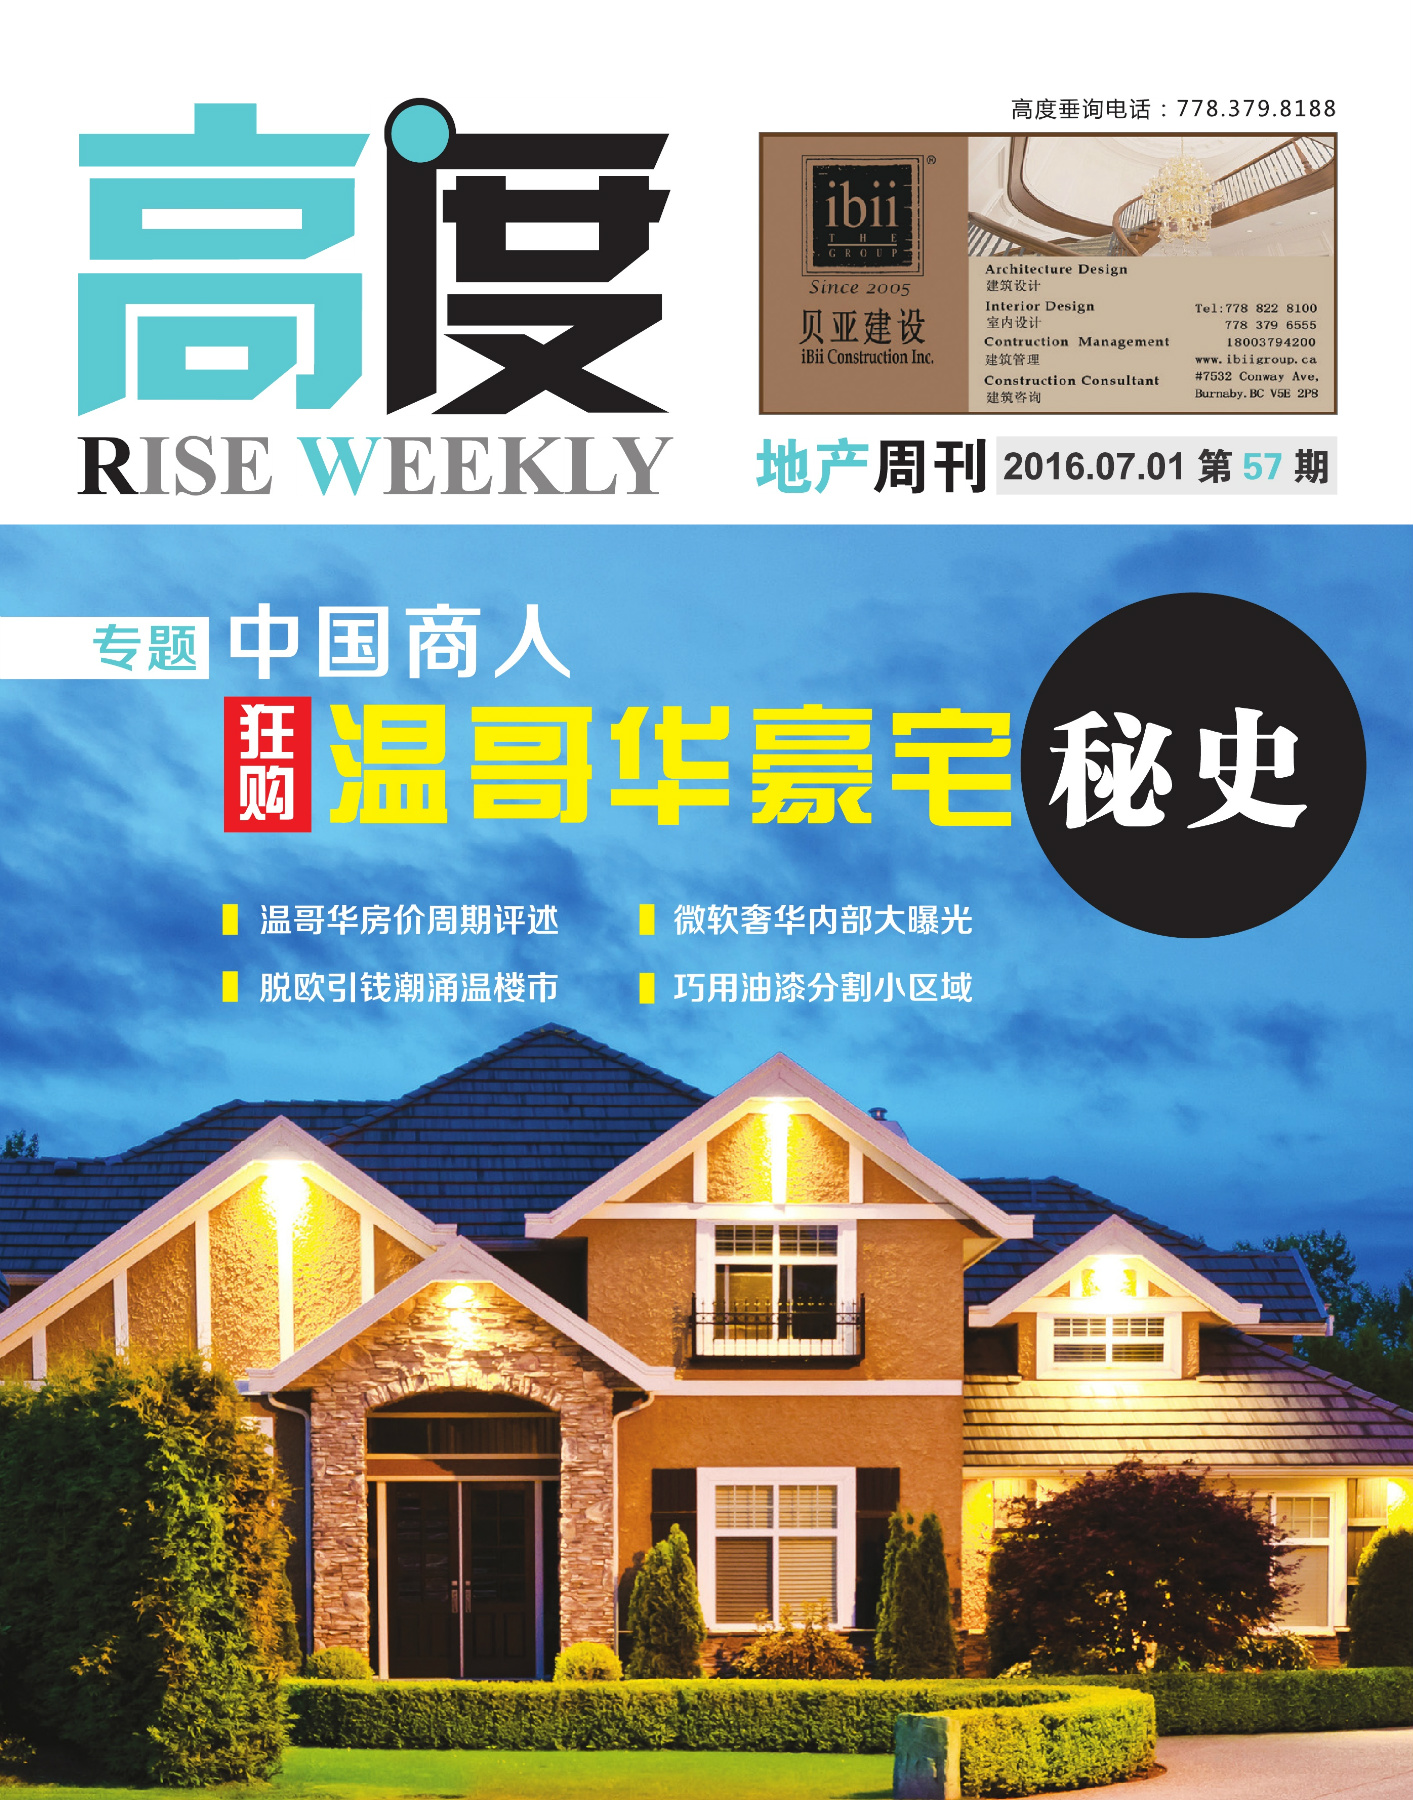 高度地产周刊 2016年07月01日 第57期